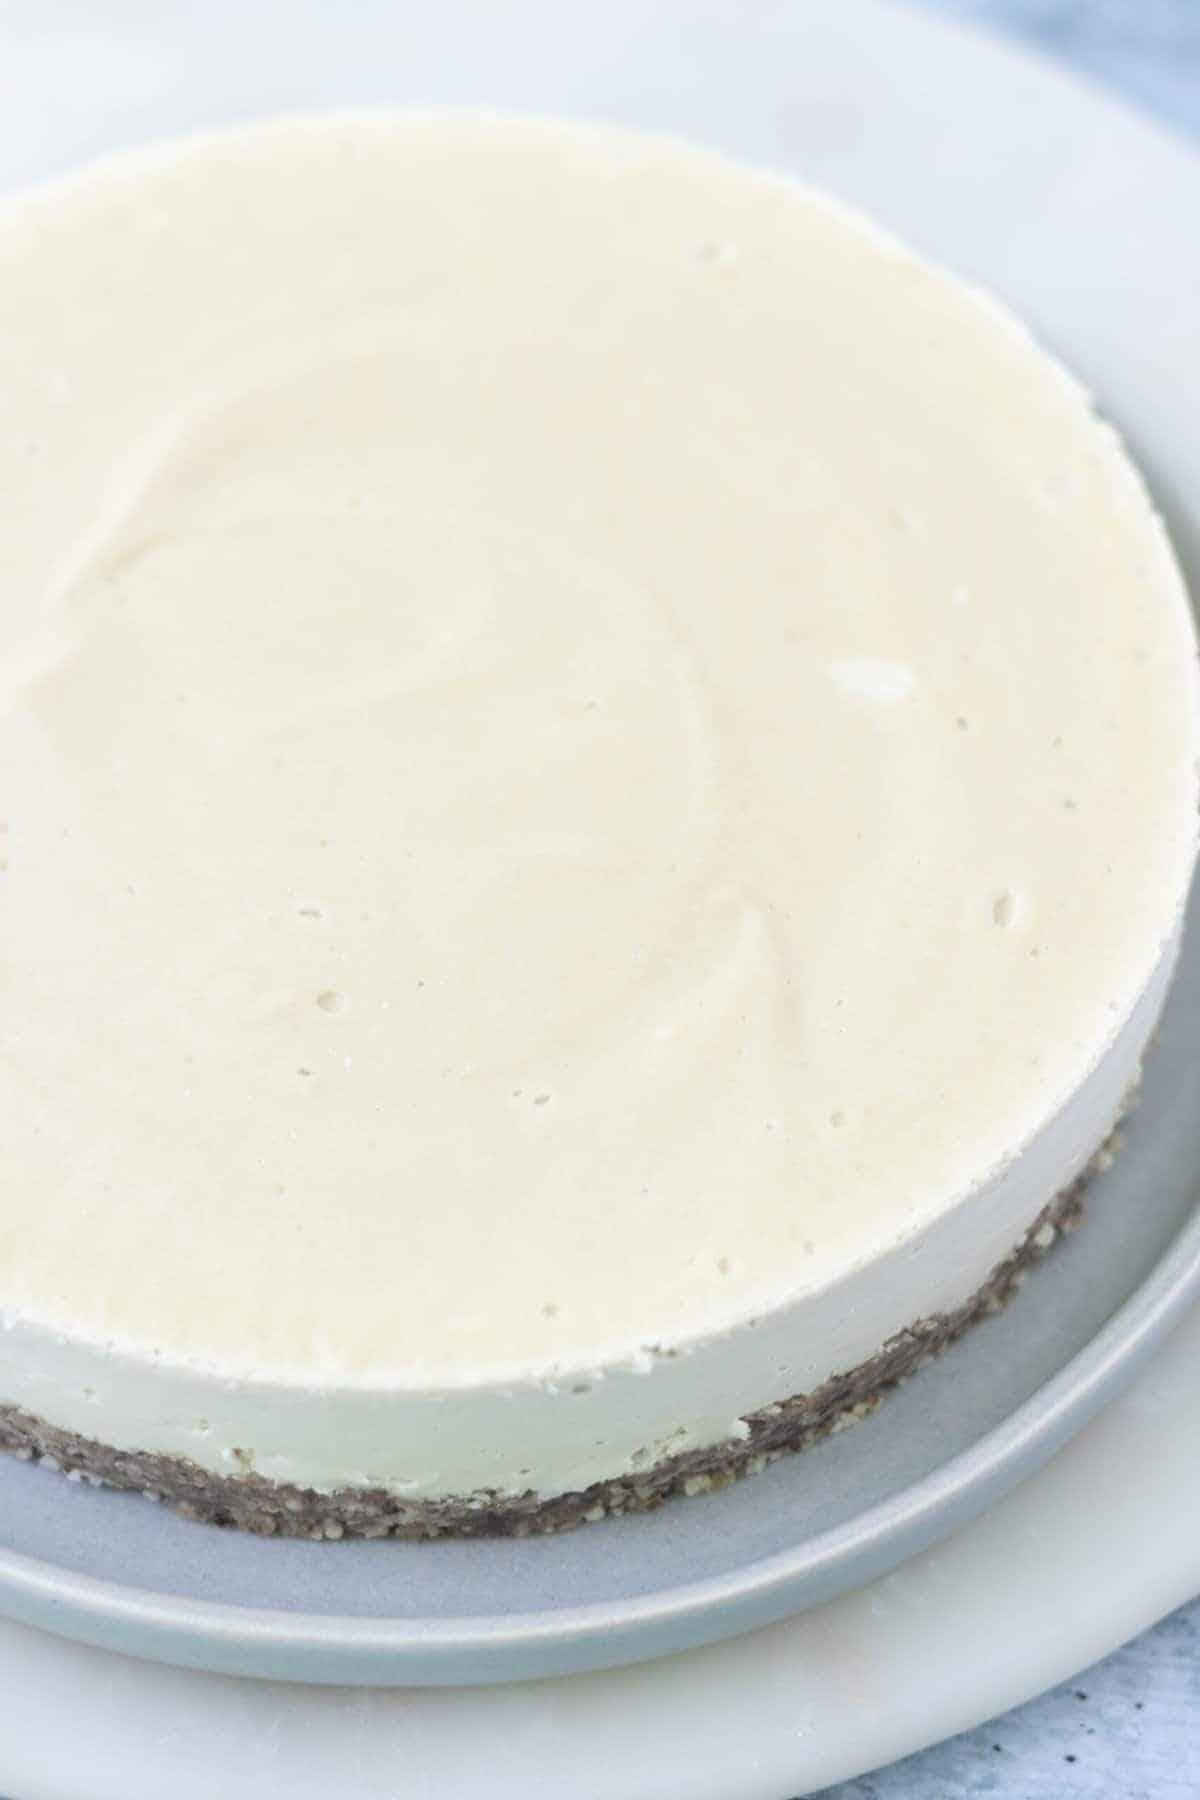 Plain Undecorated Homemade Vegan Cheesecake